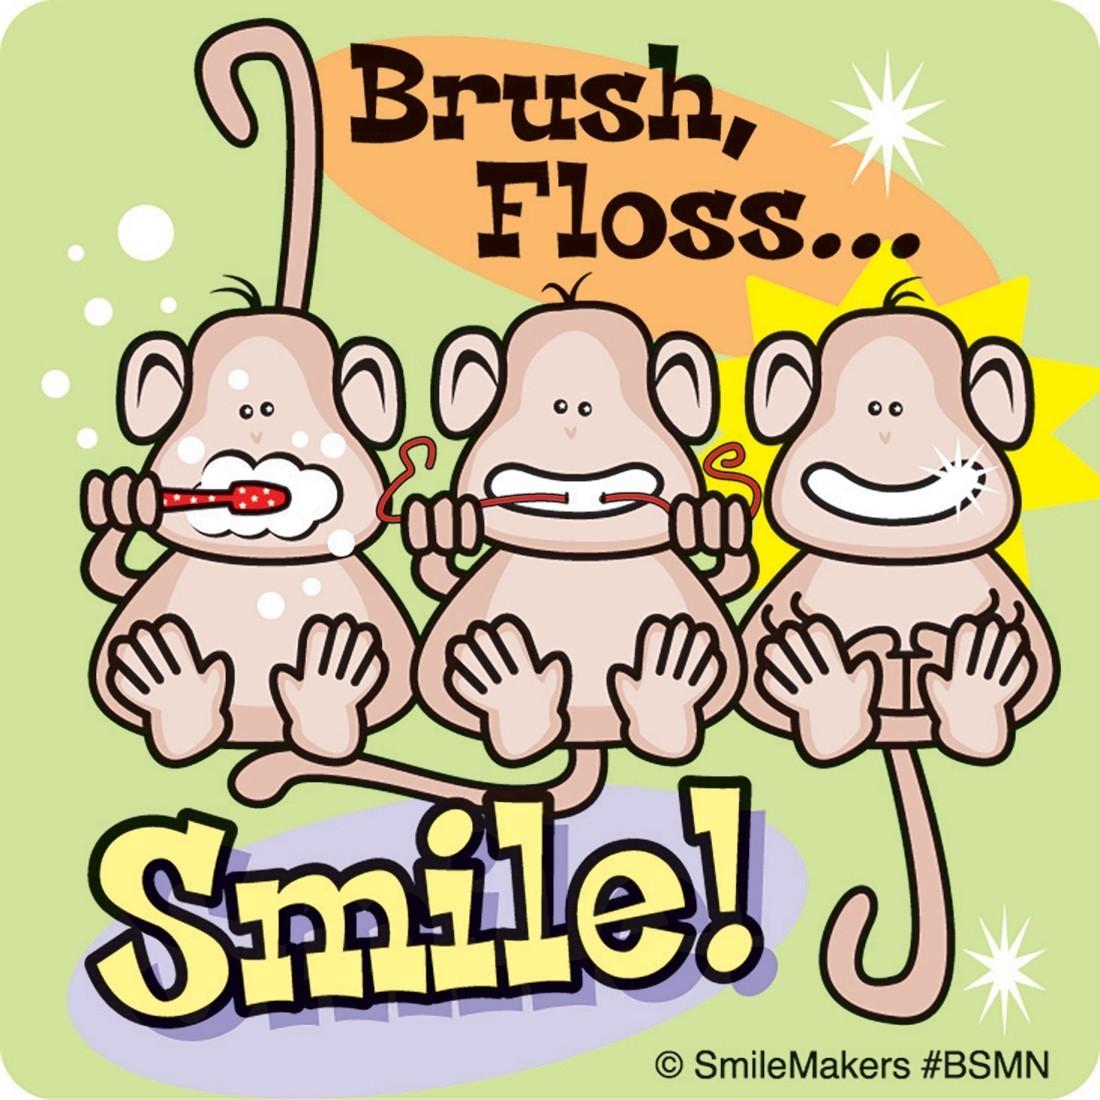 brush floss smile monkeys stickers brush floss smile monkeys